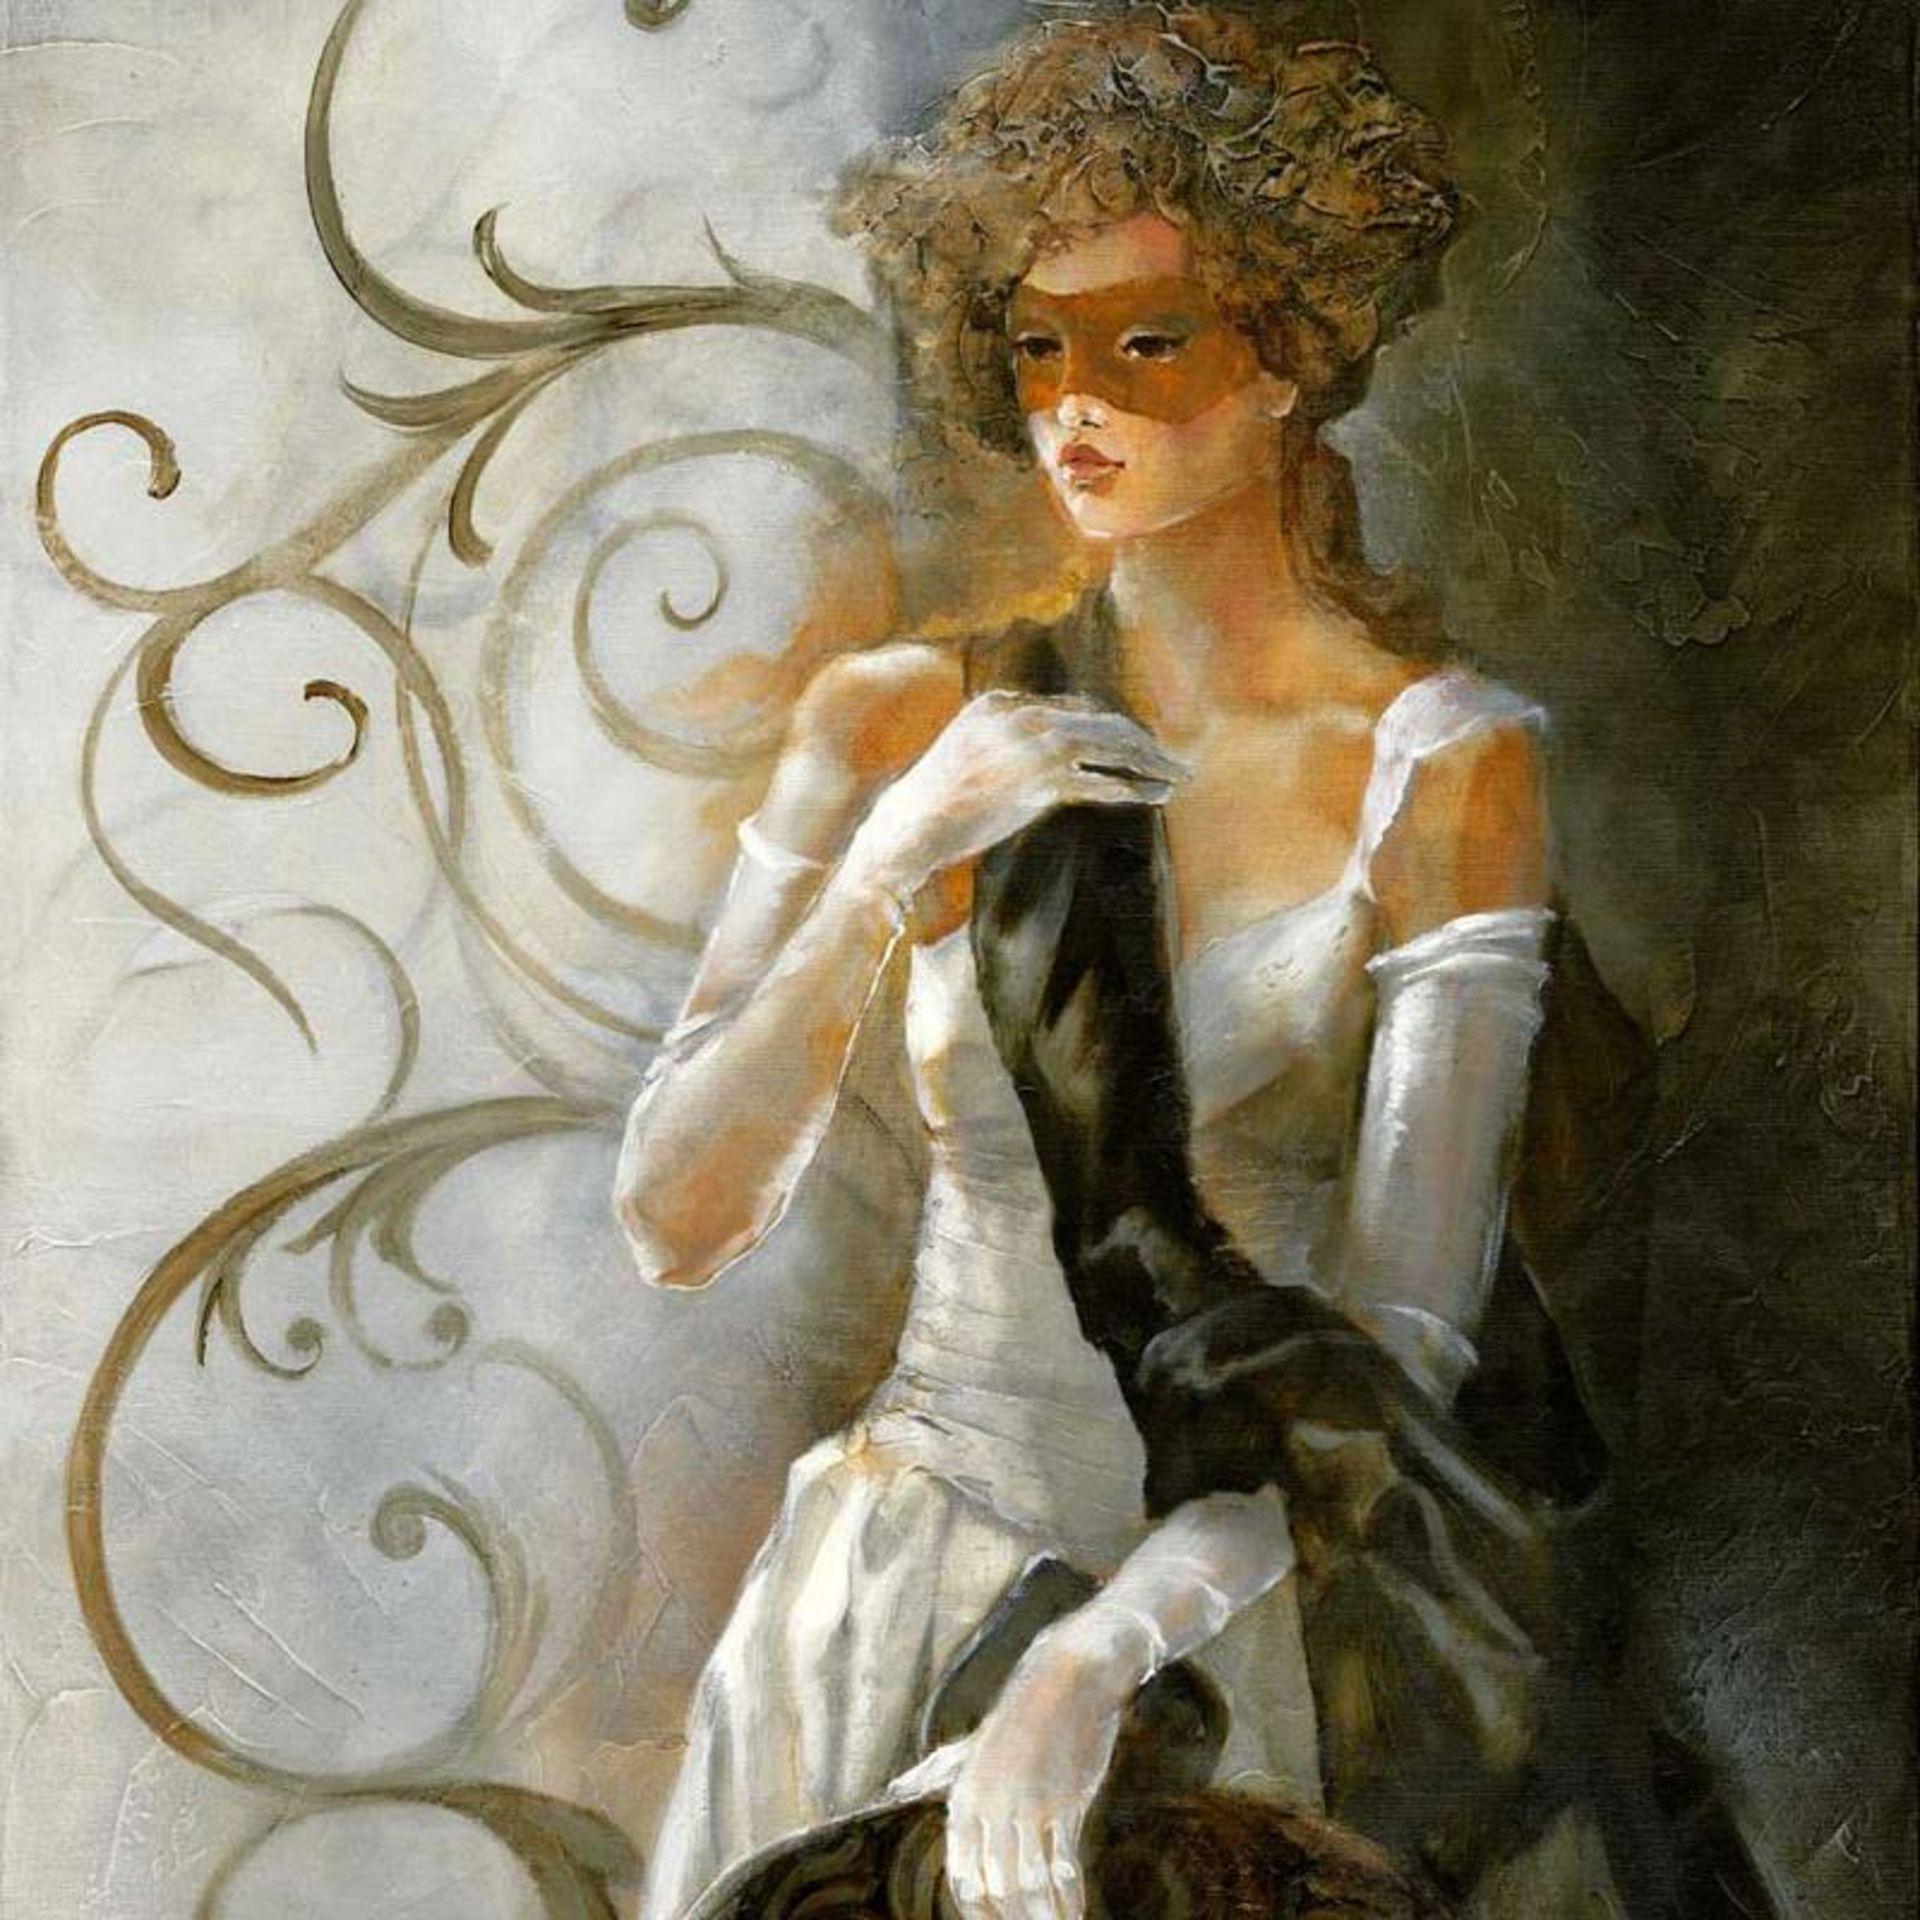 """Lena Sotskova, """"Debutant"""" Hand Signed, Artist Embellished Limited Edition Giclee - Image 2 of 2"""